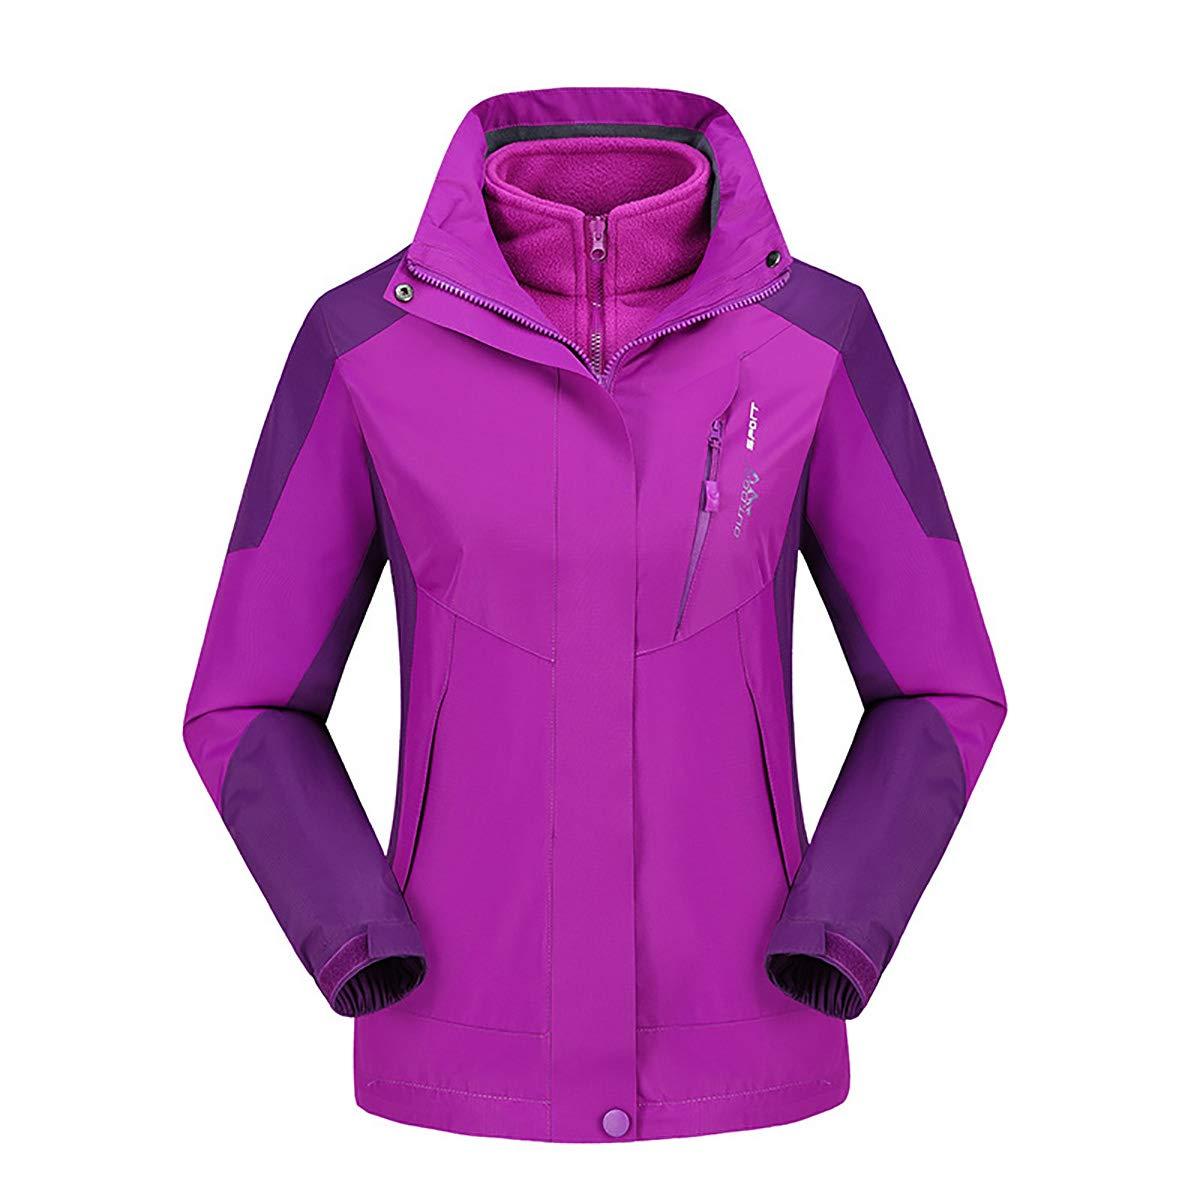 violet XXXXL W&TT Femmes 3-en-1 Veste, Doubleure en Molleton Détachable Deux Pièces Doudoune Coupe-Vent Imperméable Chaud Extérieur Alpinisme Sportswear,rouge,XXXXL